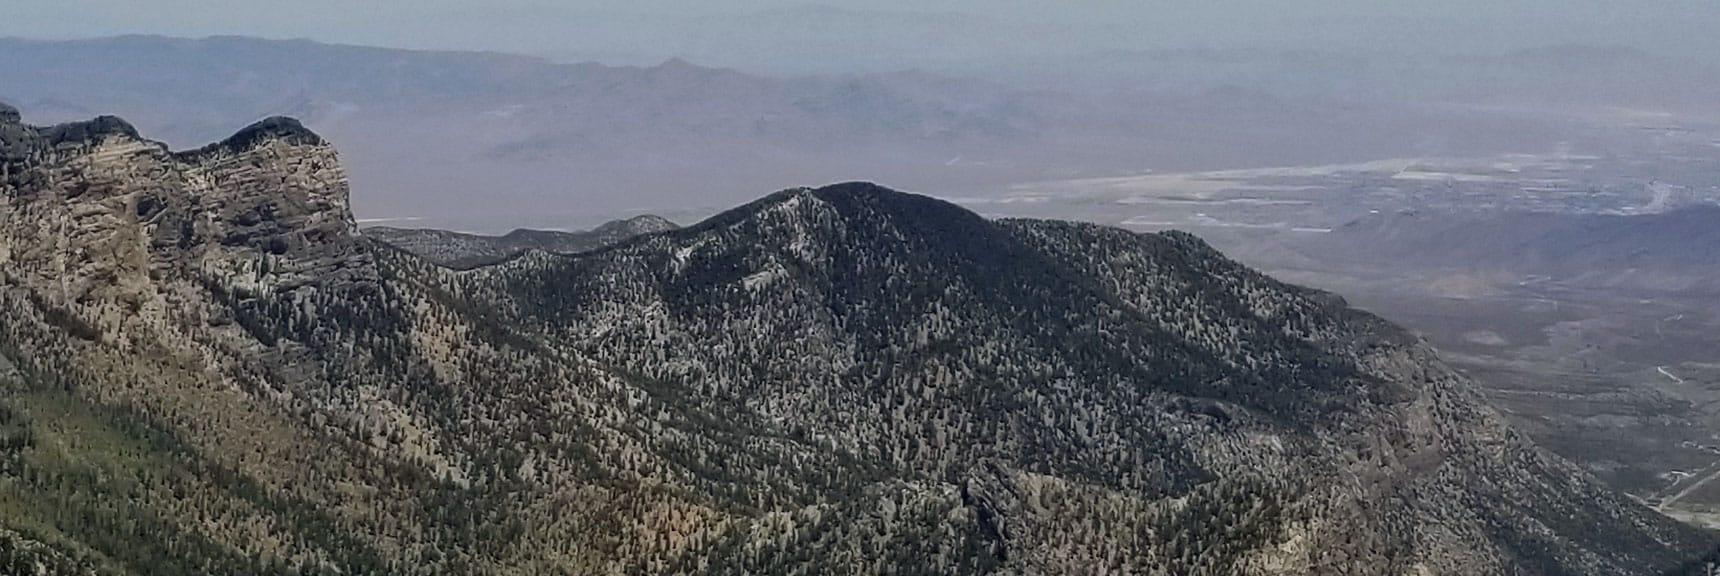 Fletcher Peak Viewed from Mt. Charleston Summit